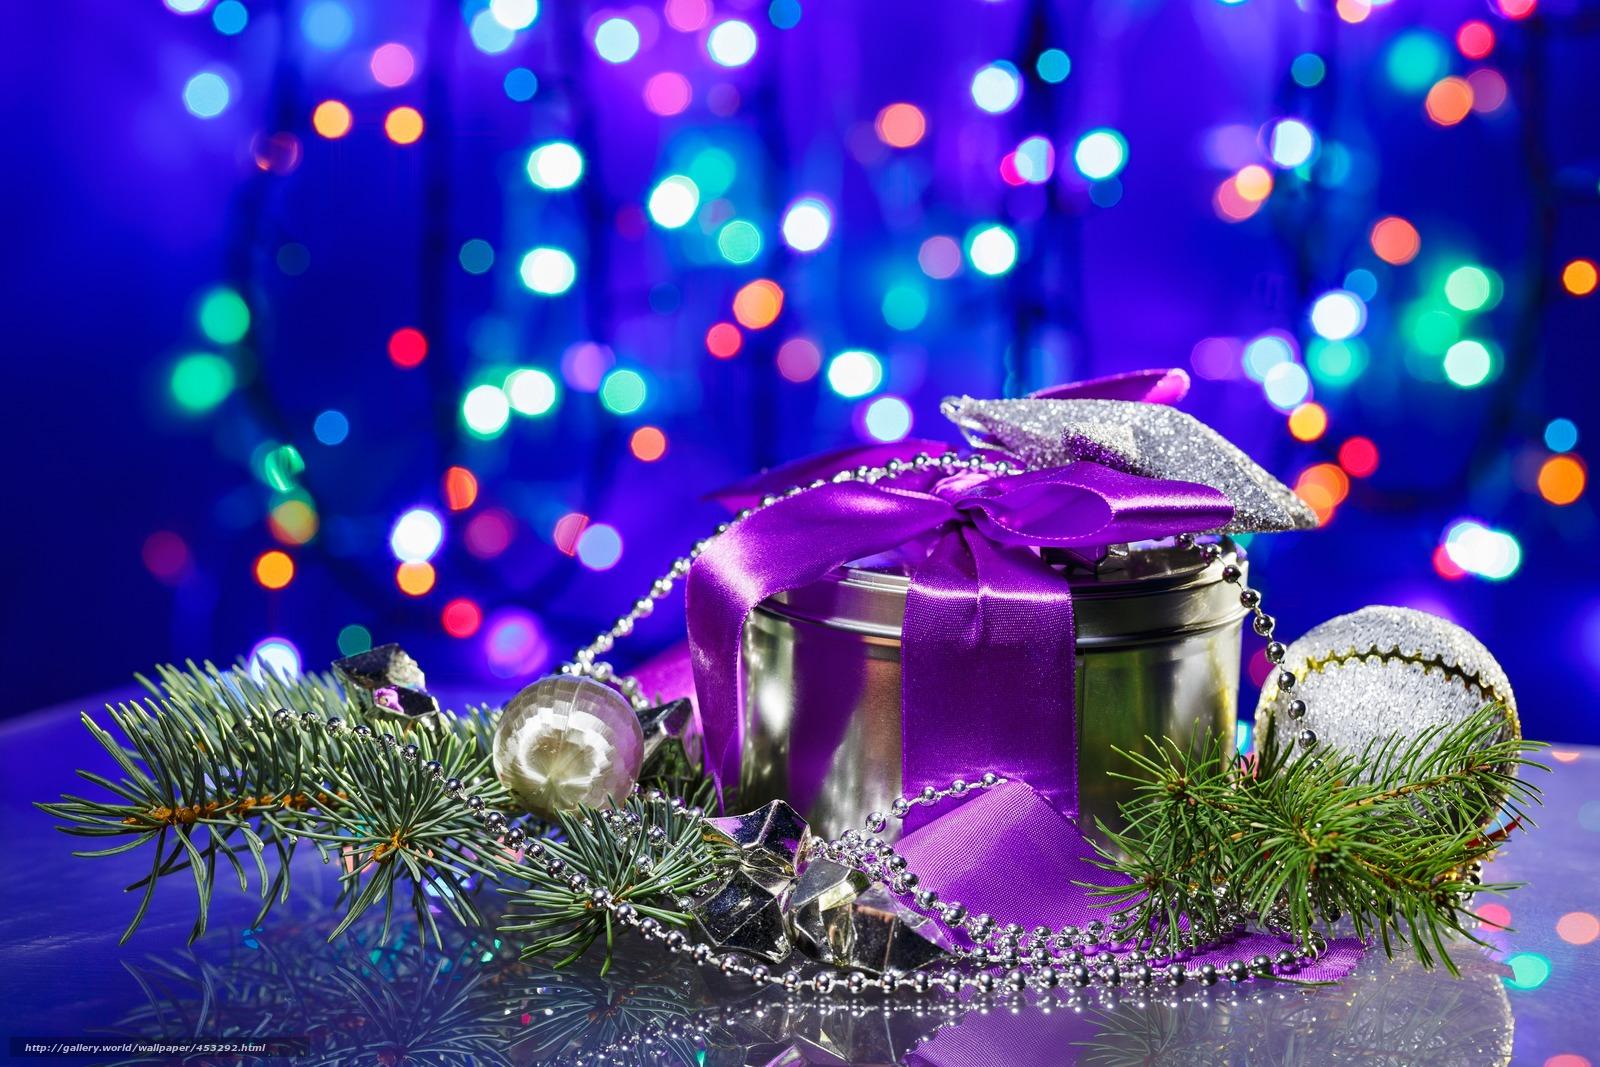 壁紙をダウンロード 贈り物,  モミの木,  ビーズ,  ぼけ味 デスクトップの解像度のための無料壁紙 5725x3817 — 絵 №453292